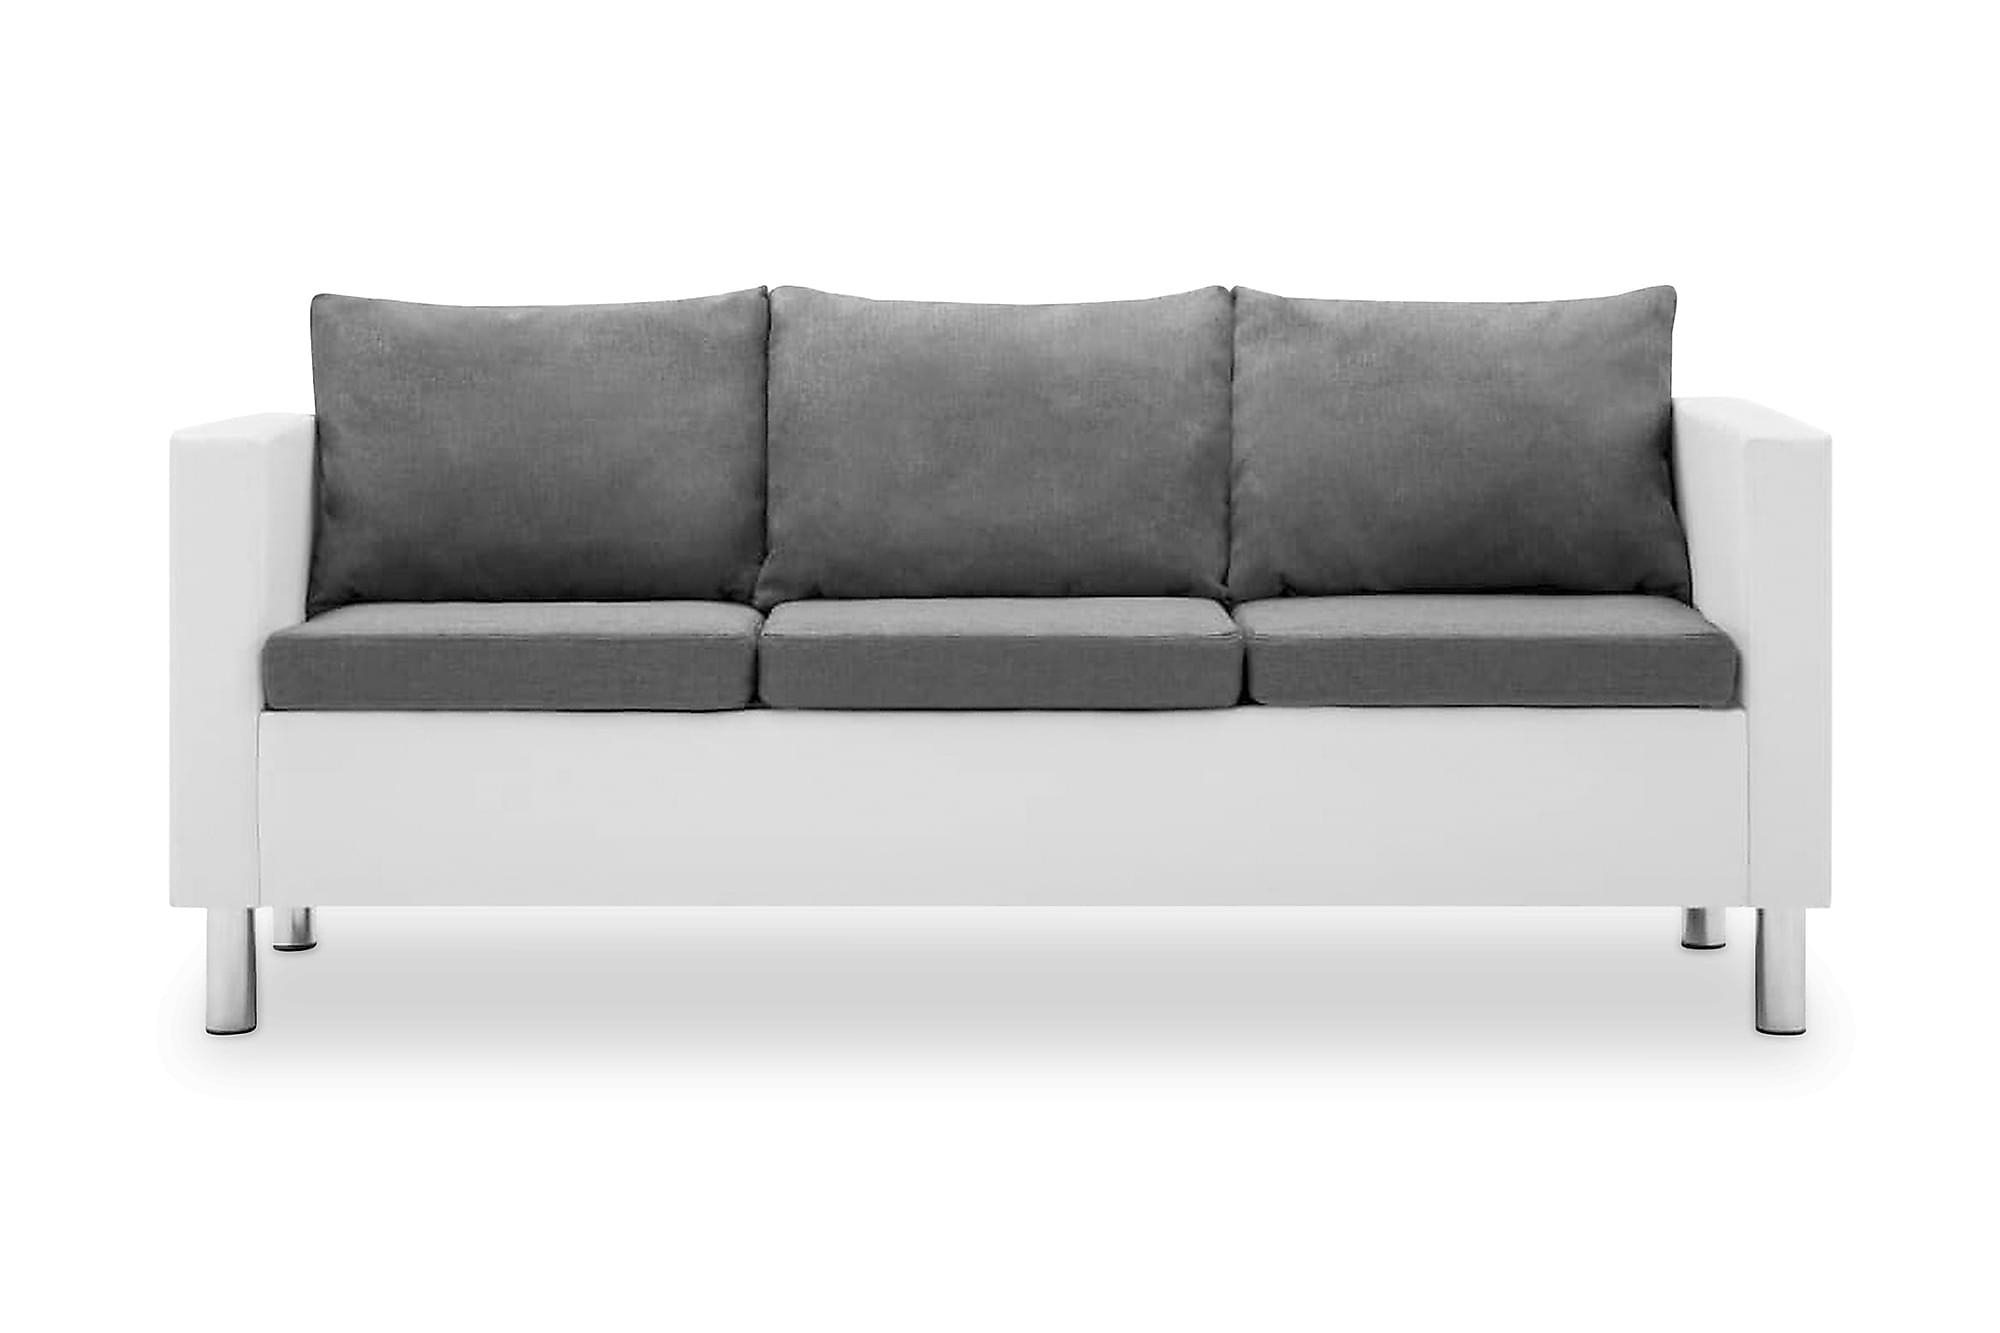 3-sitssoffa i konstläder vit och ljusgrå, 3-sits soffor